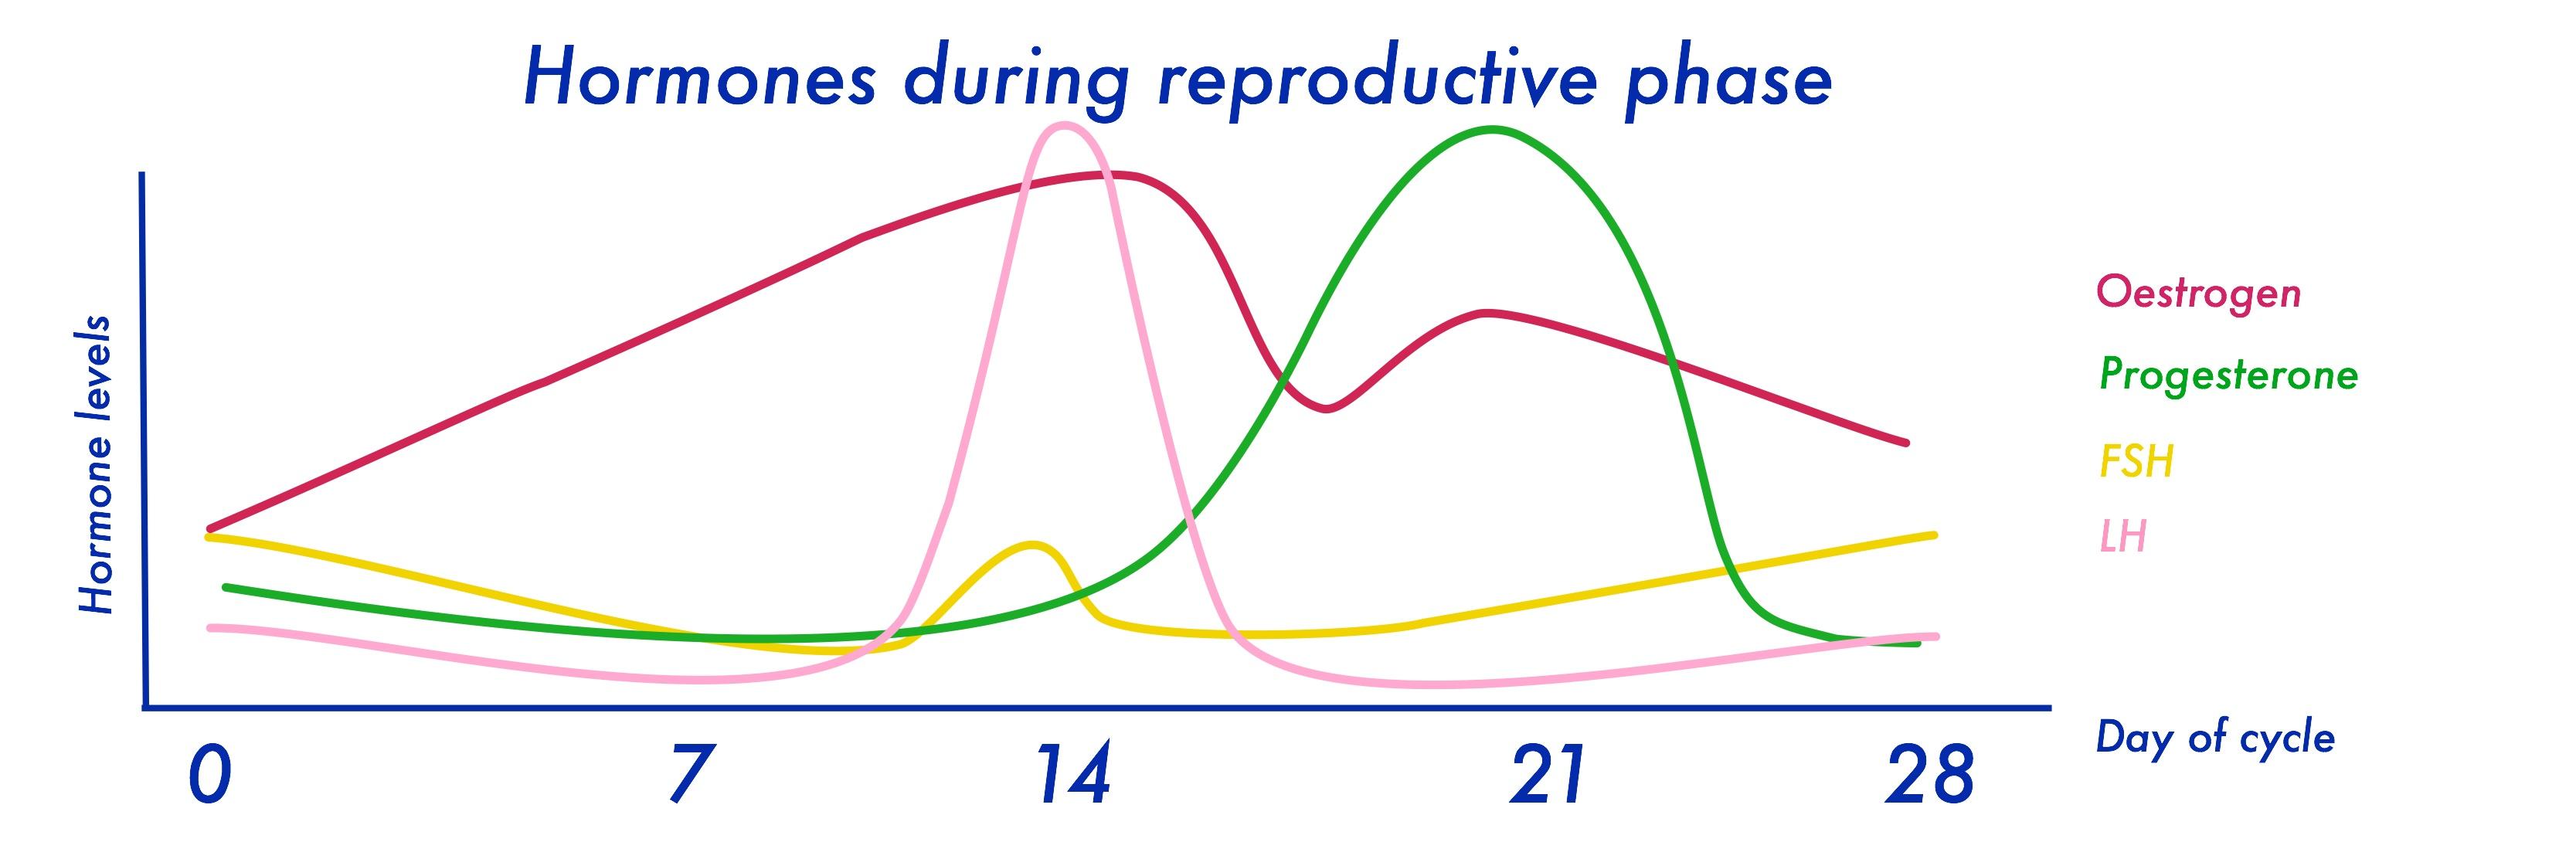 Hormones#2